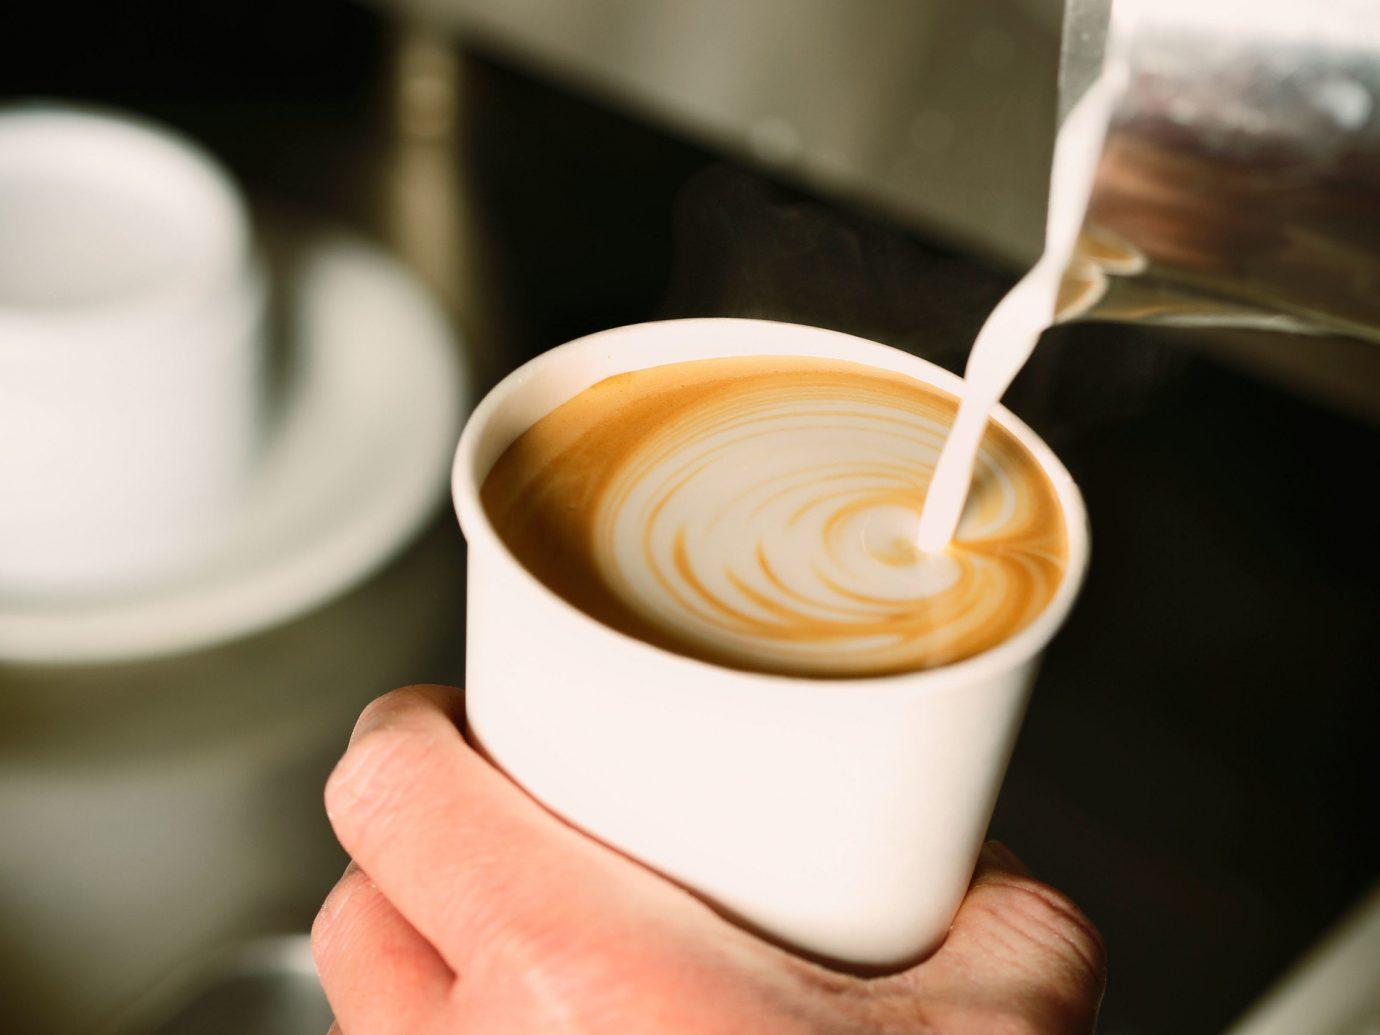 Latte at a cafe